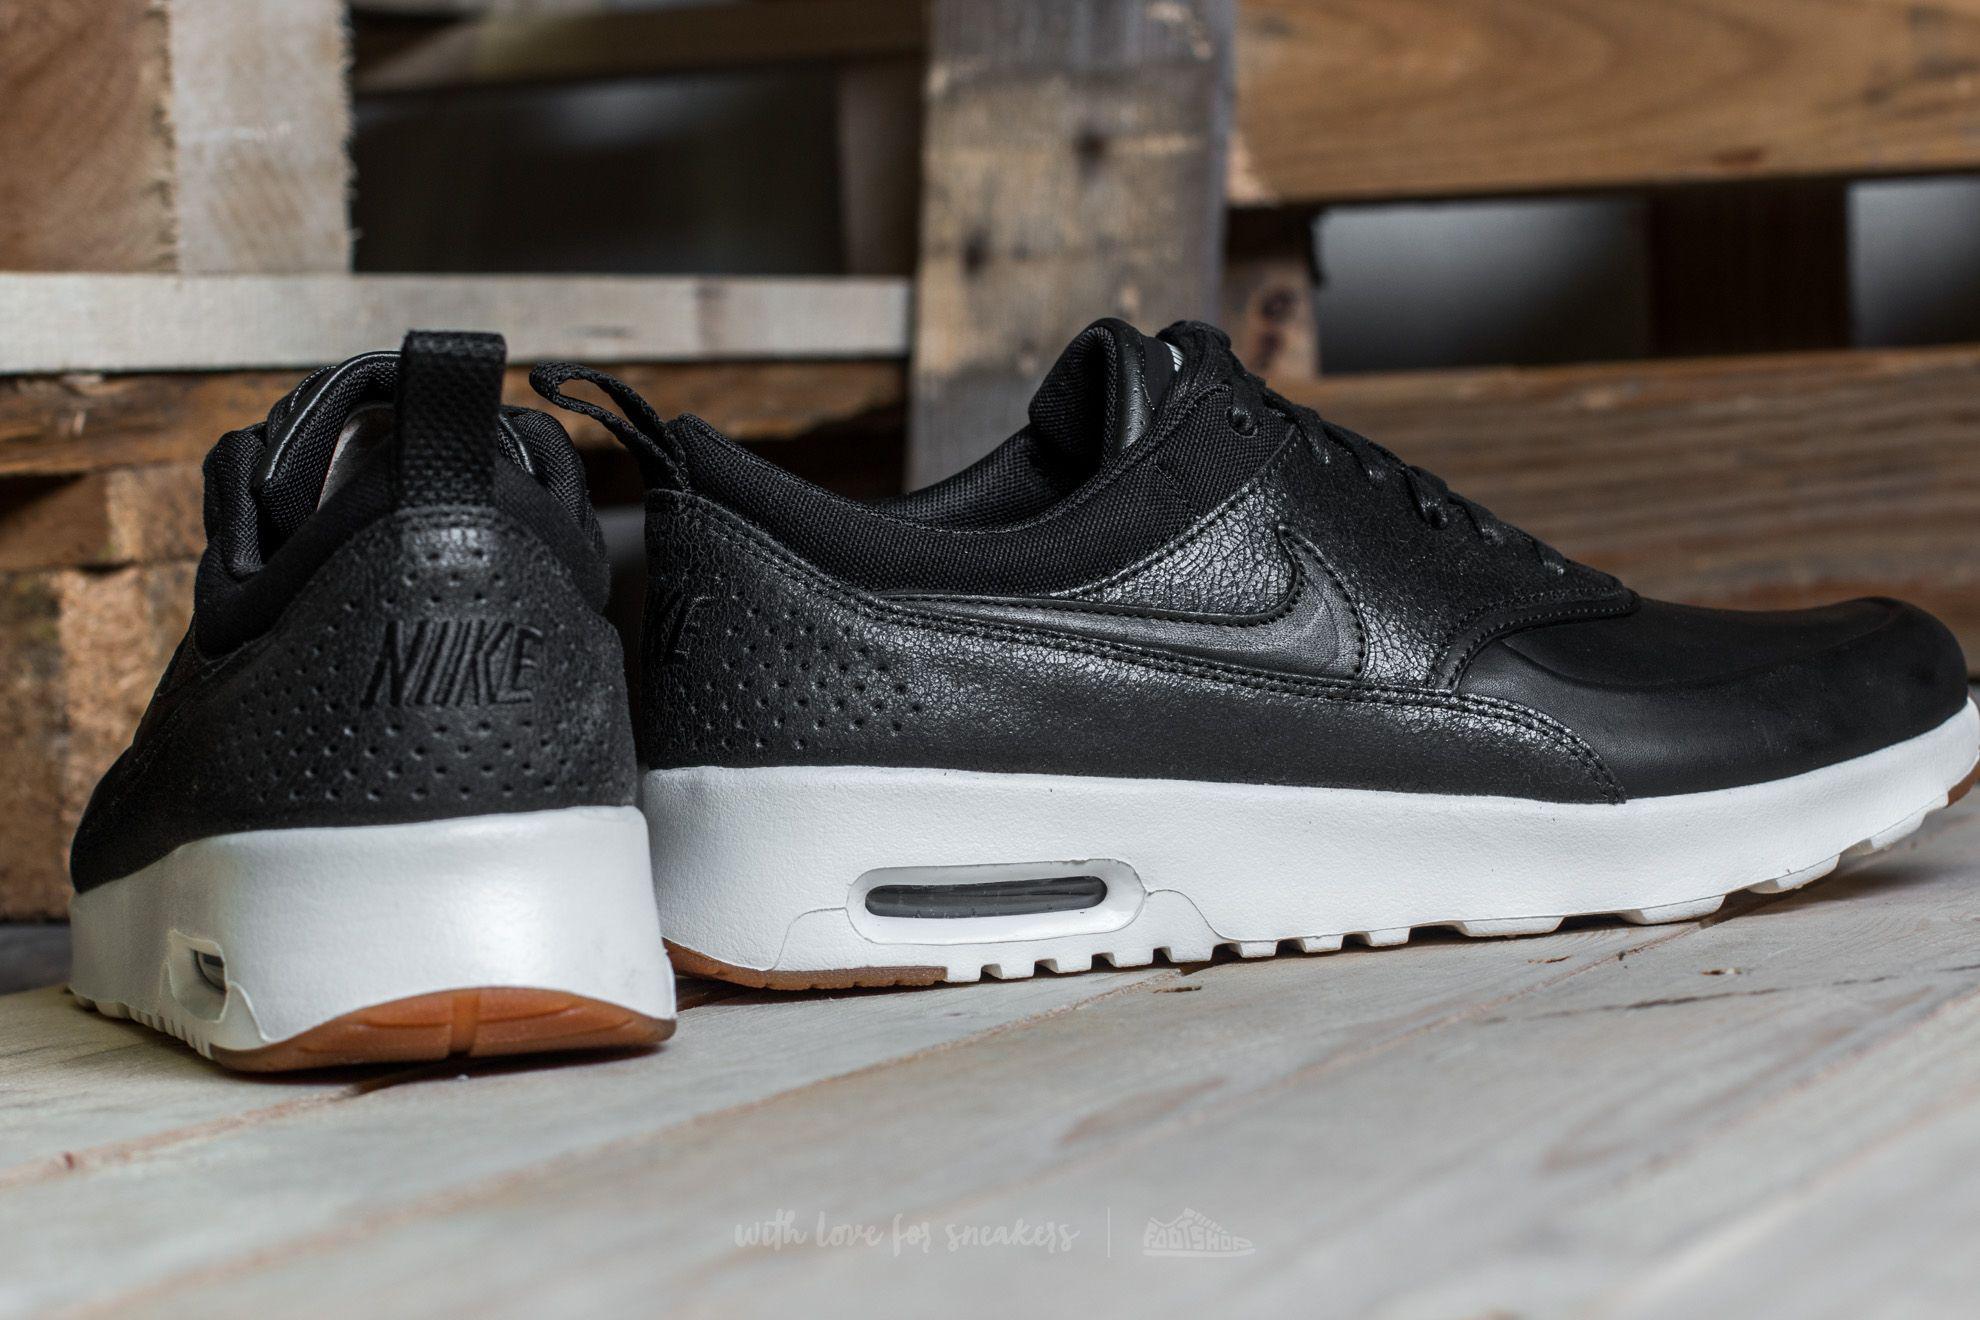 685206e78e Nike Wmns Air Max Thea Premium Black/ Black-sail-gum Medium Brown in ...